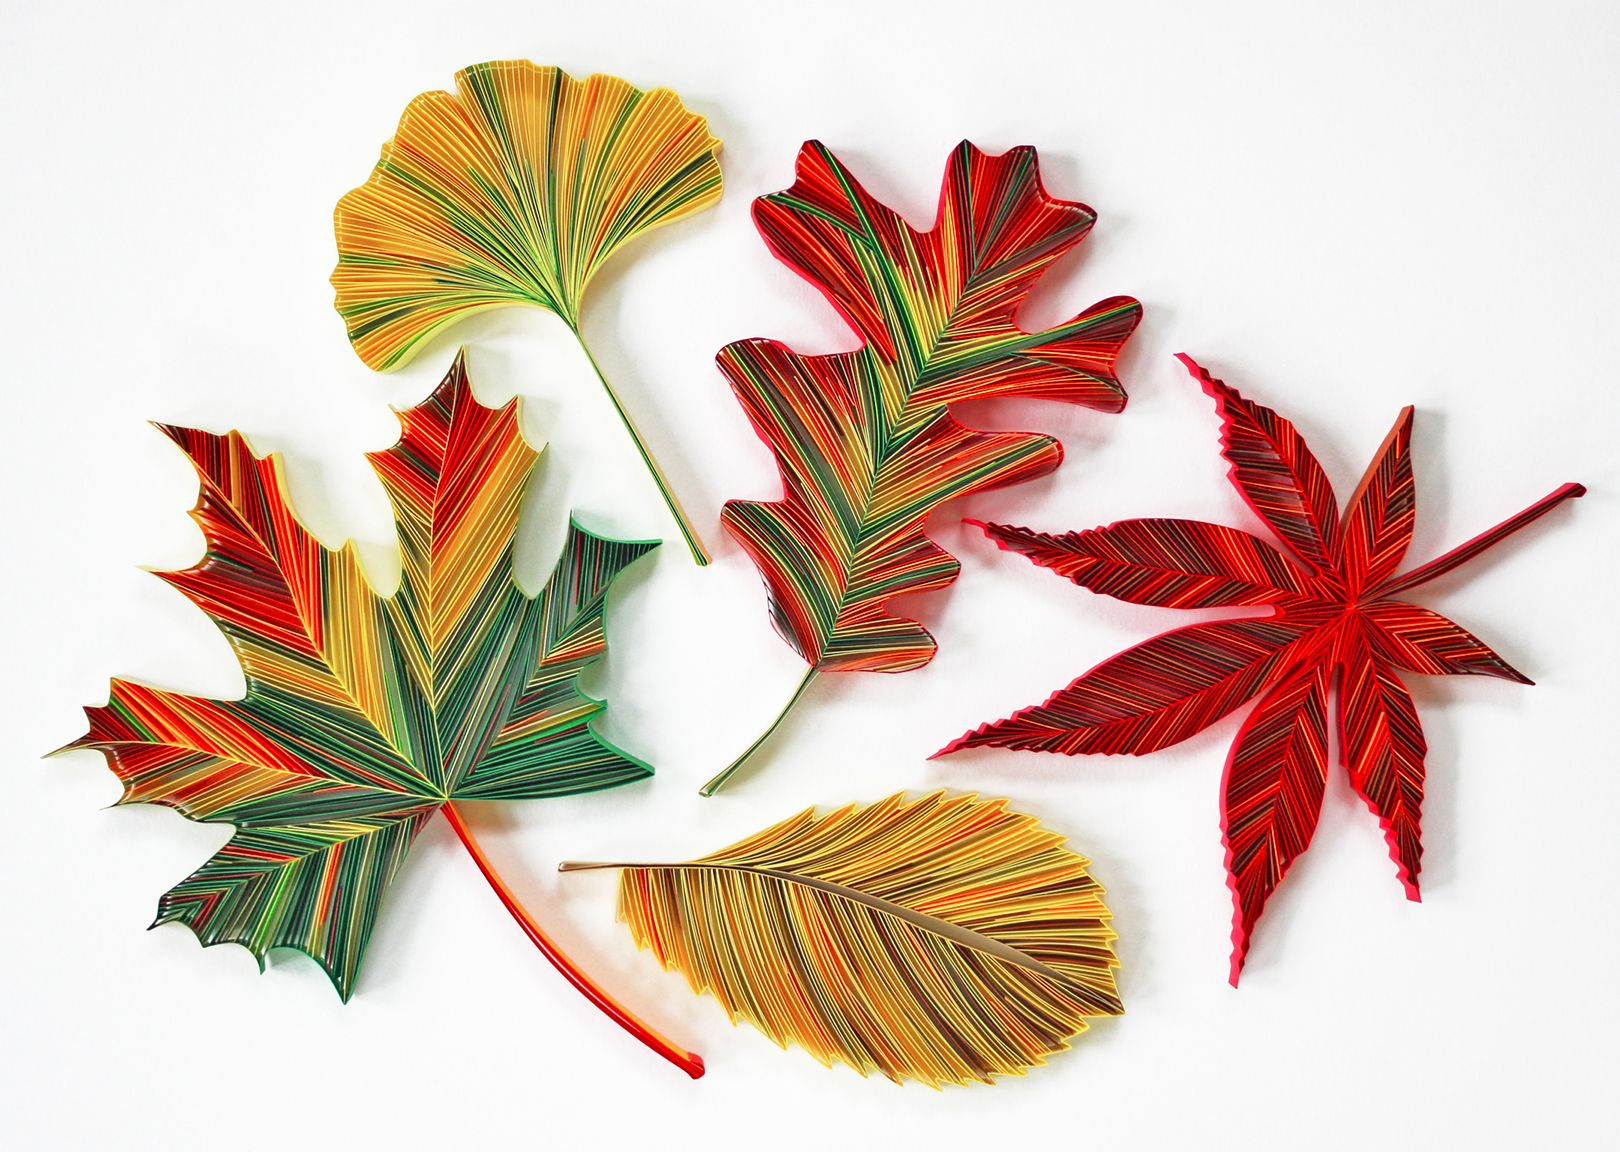 составе открытки с использованием осенних листьев крупнейшие транспорты